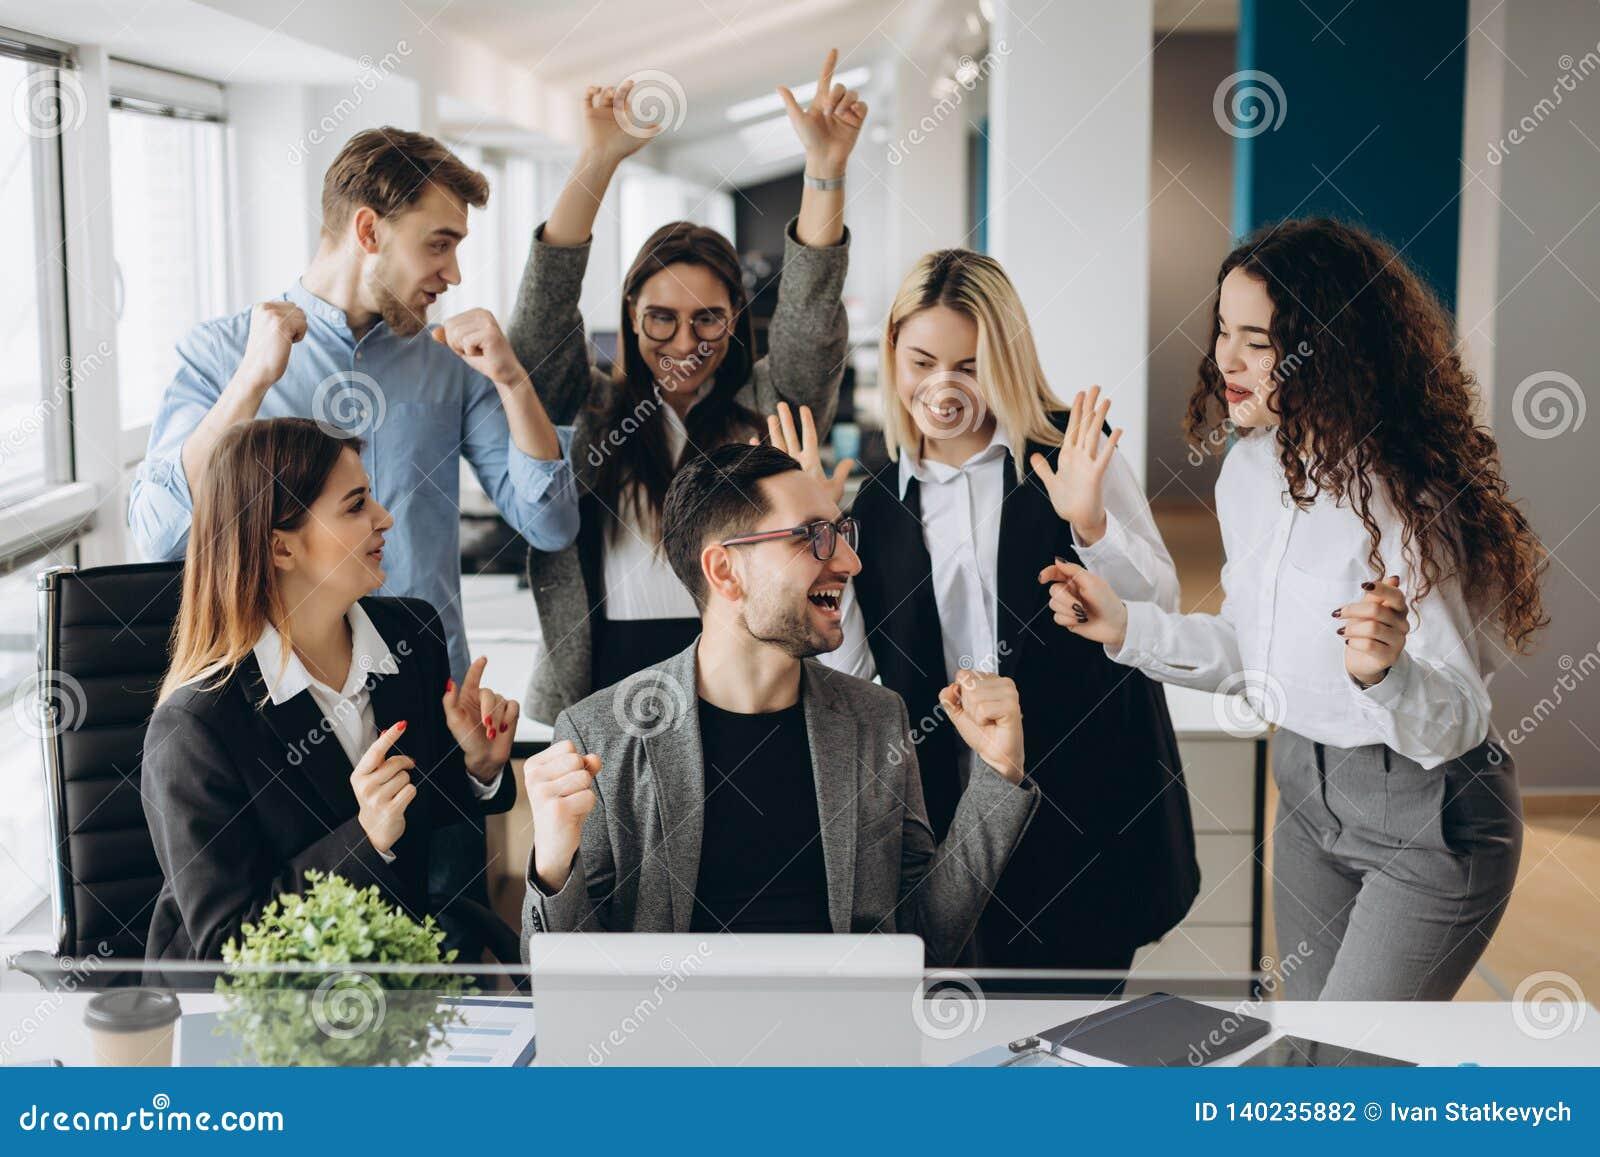 Manliga arbetaraktiegoda nyheter med blandras- kollegor i delad arbetsplats, olika anställda skriker med lycka spännande med